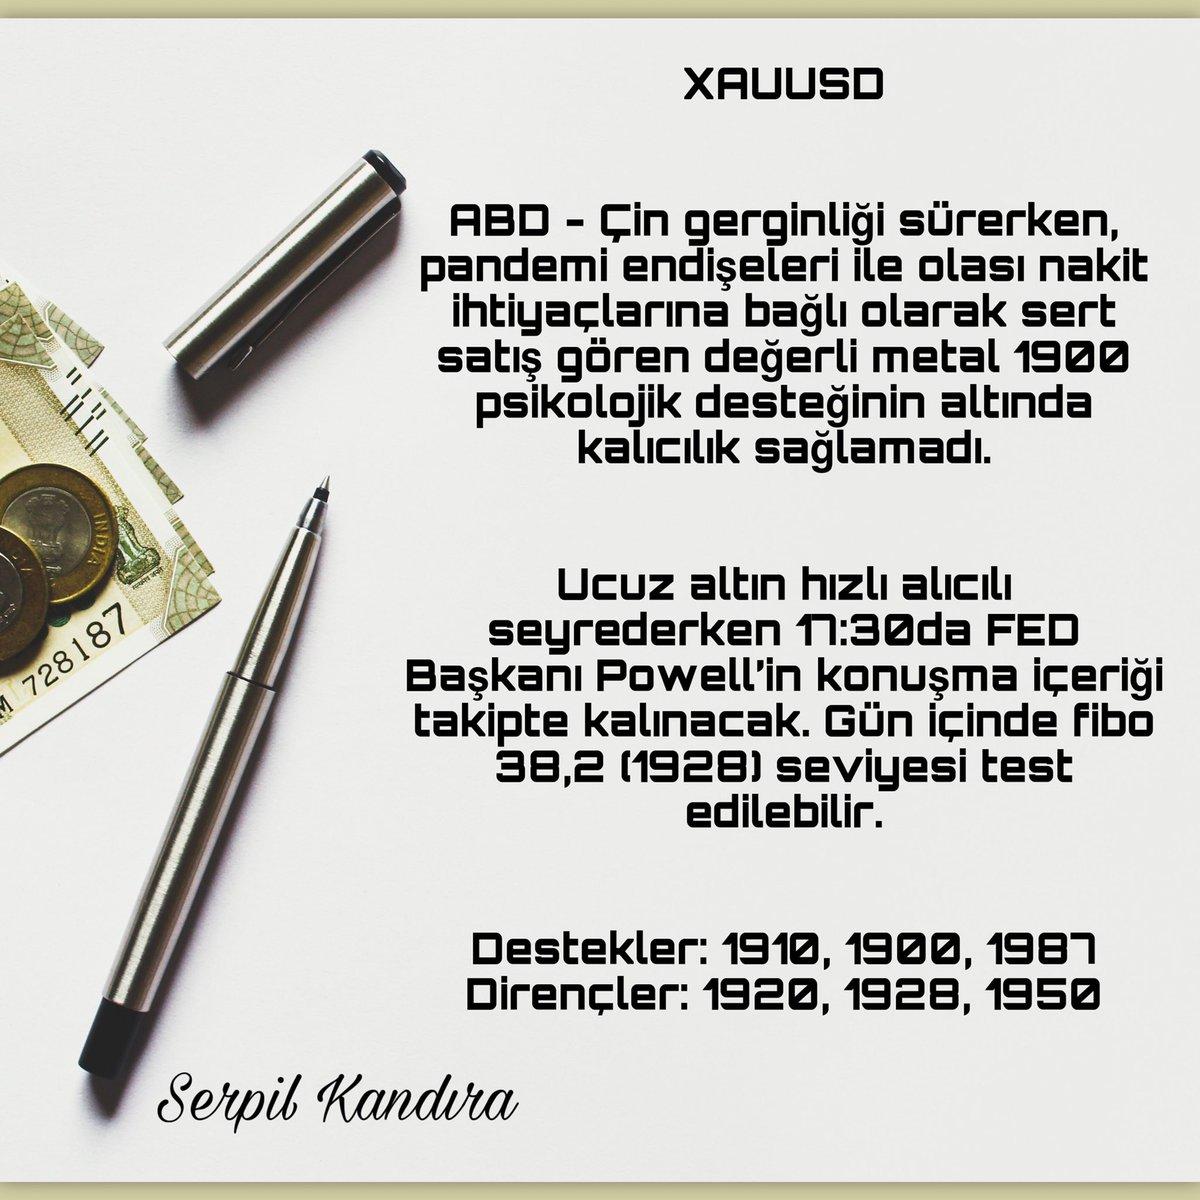 ONS ALTIN - XAUUSD  #forex #fx #forextrader #yatırım #borsa #brent #DAX30 #para #bist #altın #gbpusd #parite #rt #fav https://t.co/2zGihrmCRl